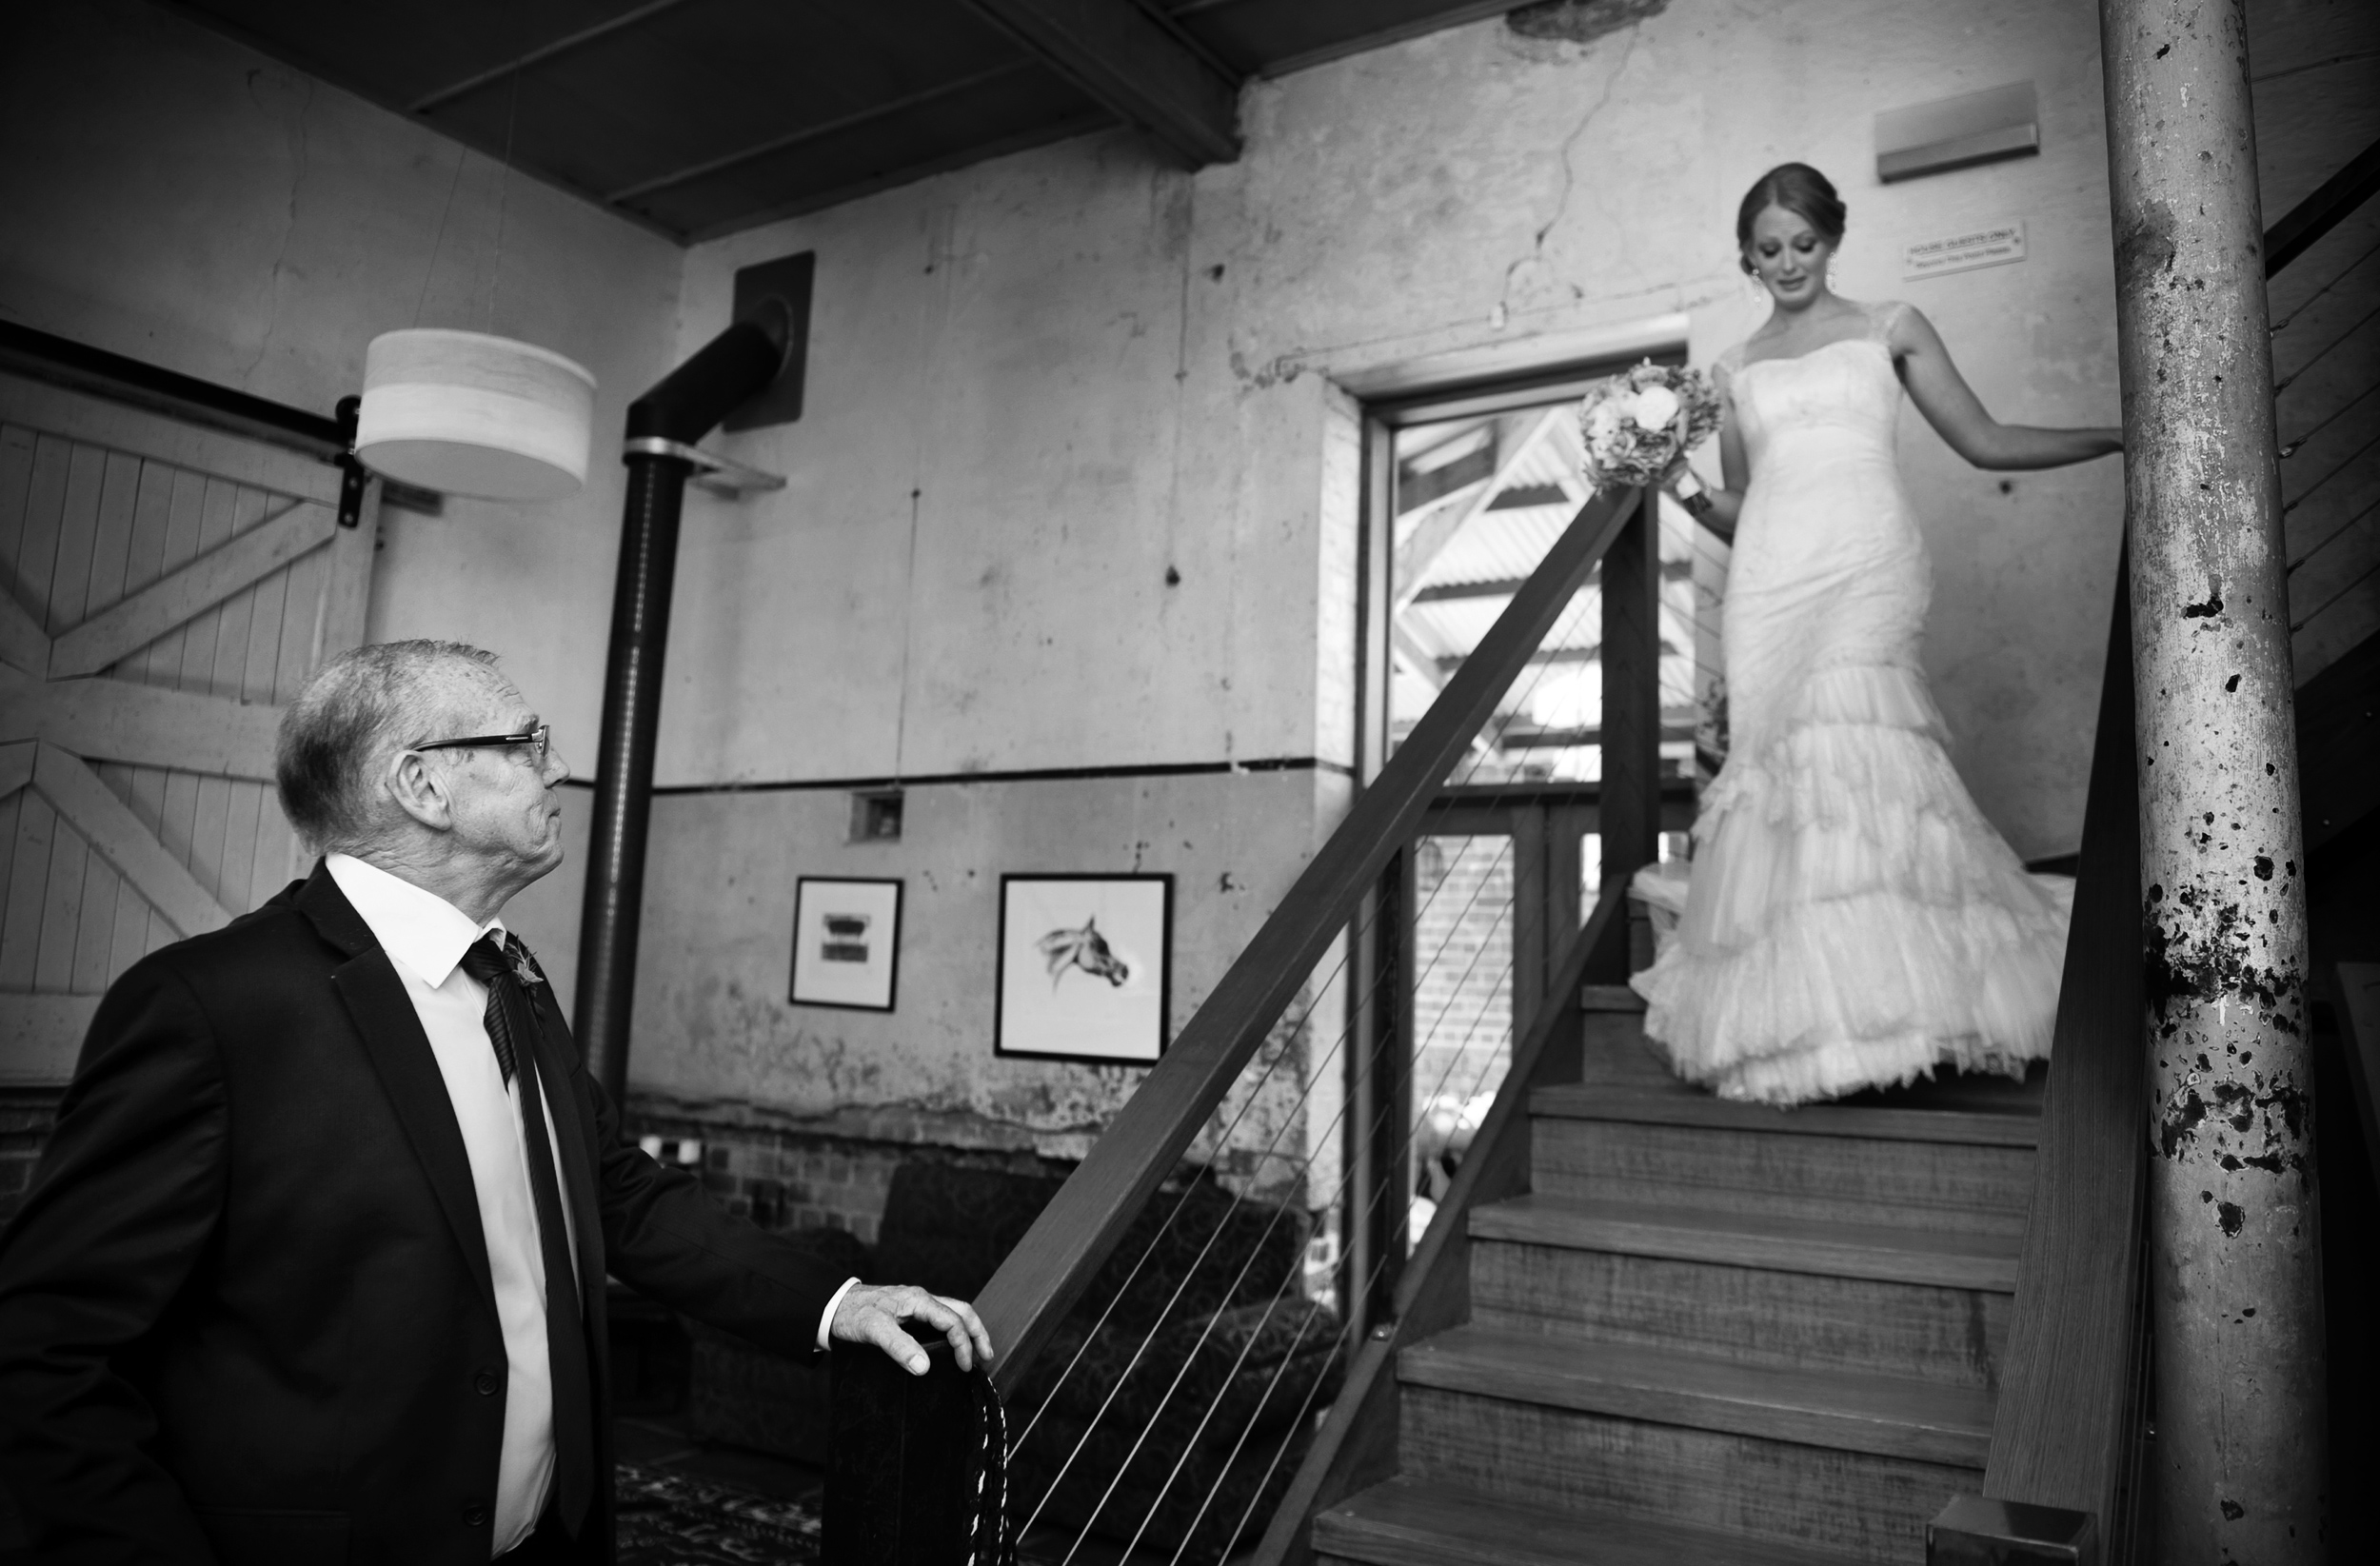 euroa_butter_factory_wedding_photography_61.jpg